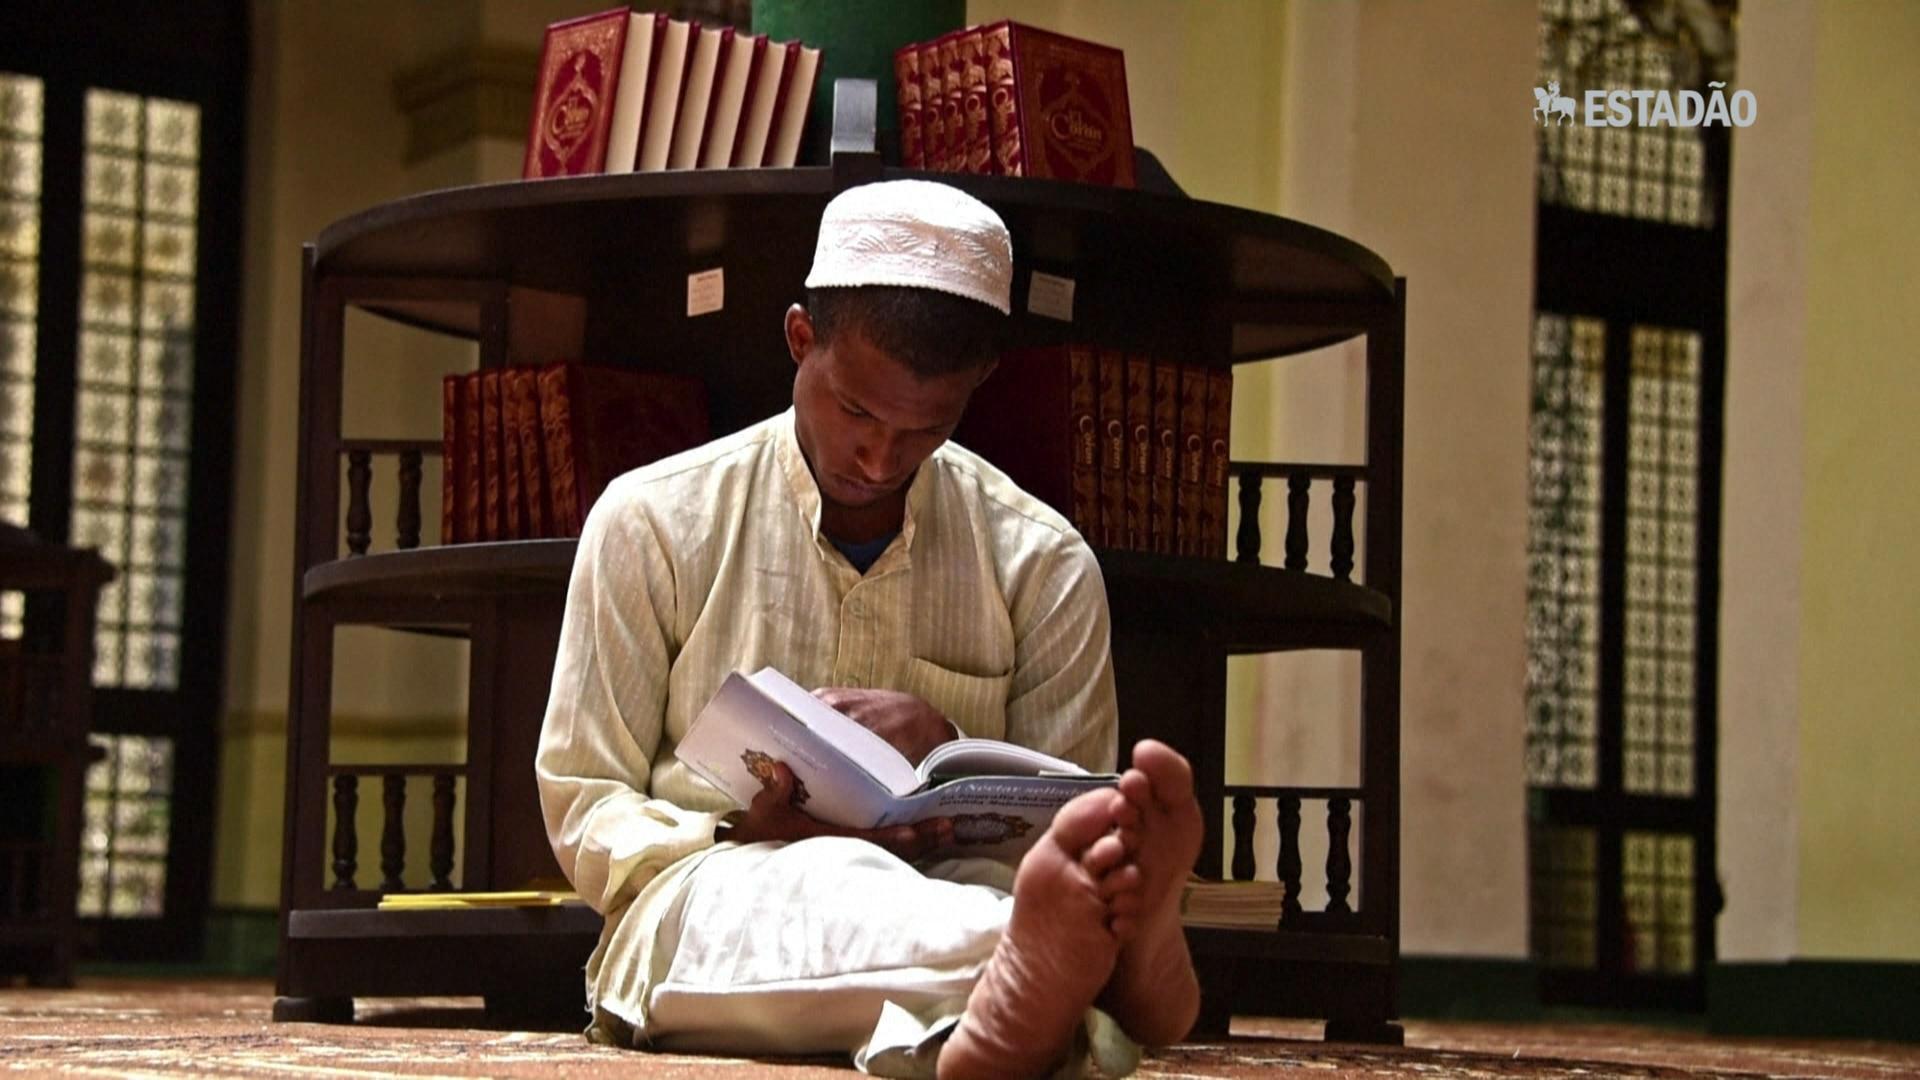 Comunidade muçulmana de Cuba celebra discretamente o Ramadã